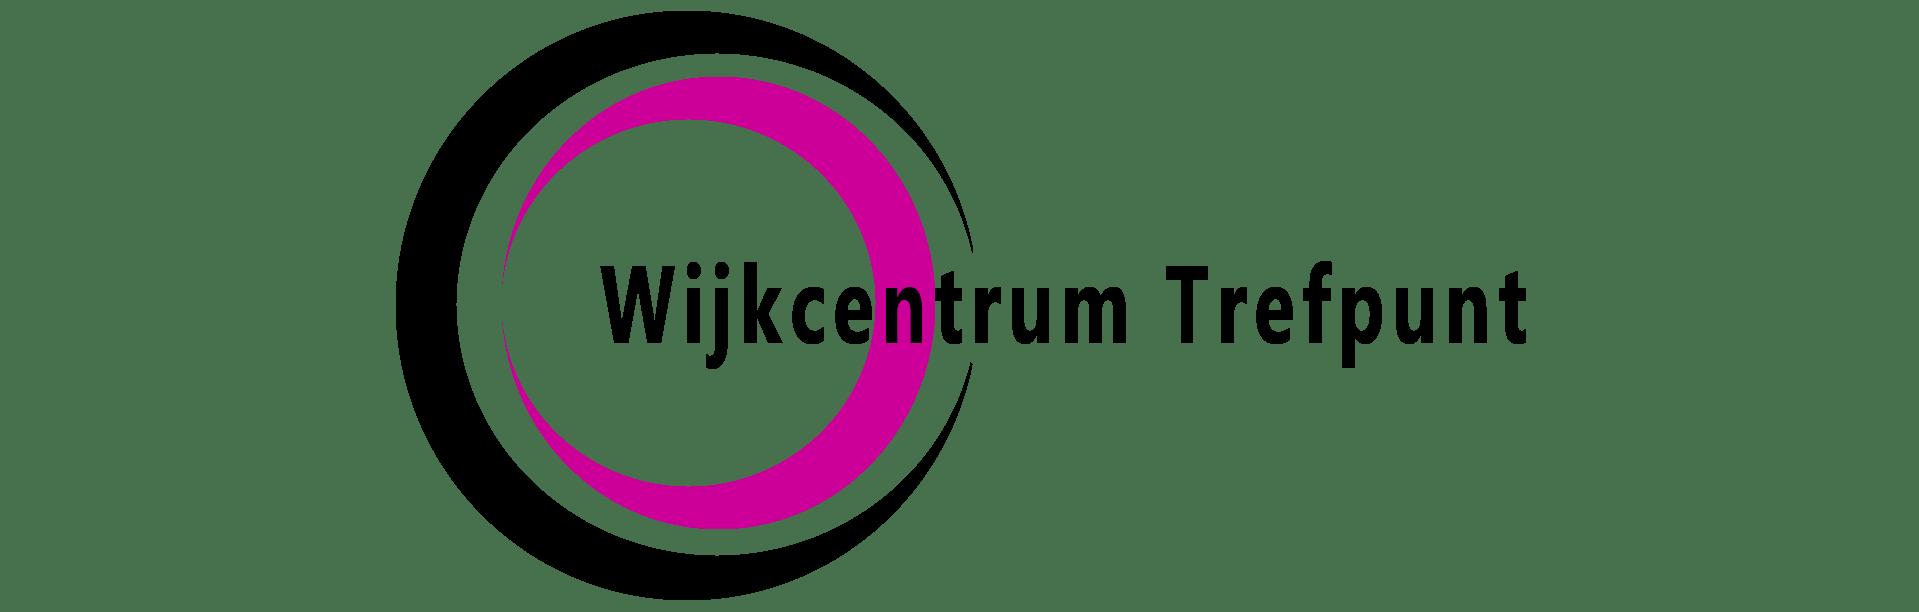 Wijkcentrum Trefpunt